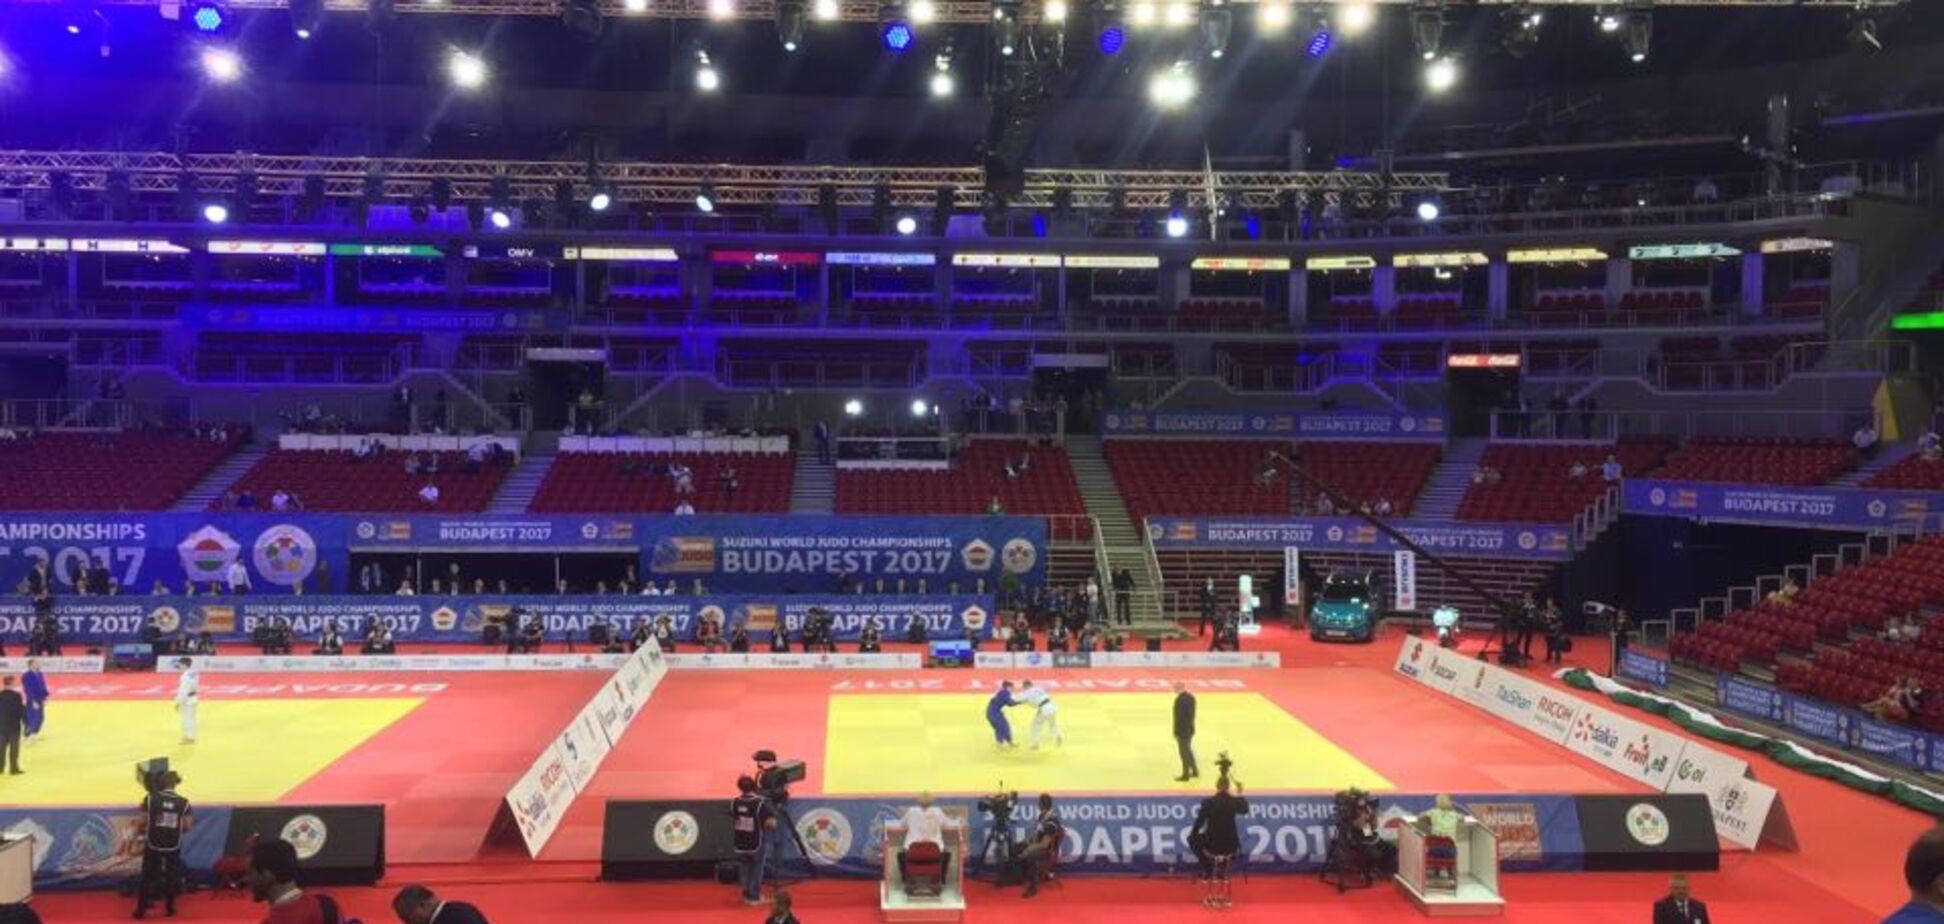 Путін влаштував переполох на чемпіонаті світу з дзюдо: фотофакт